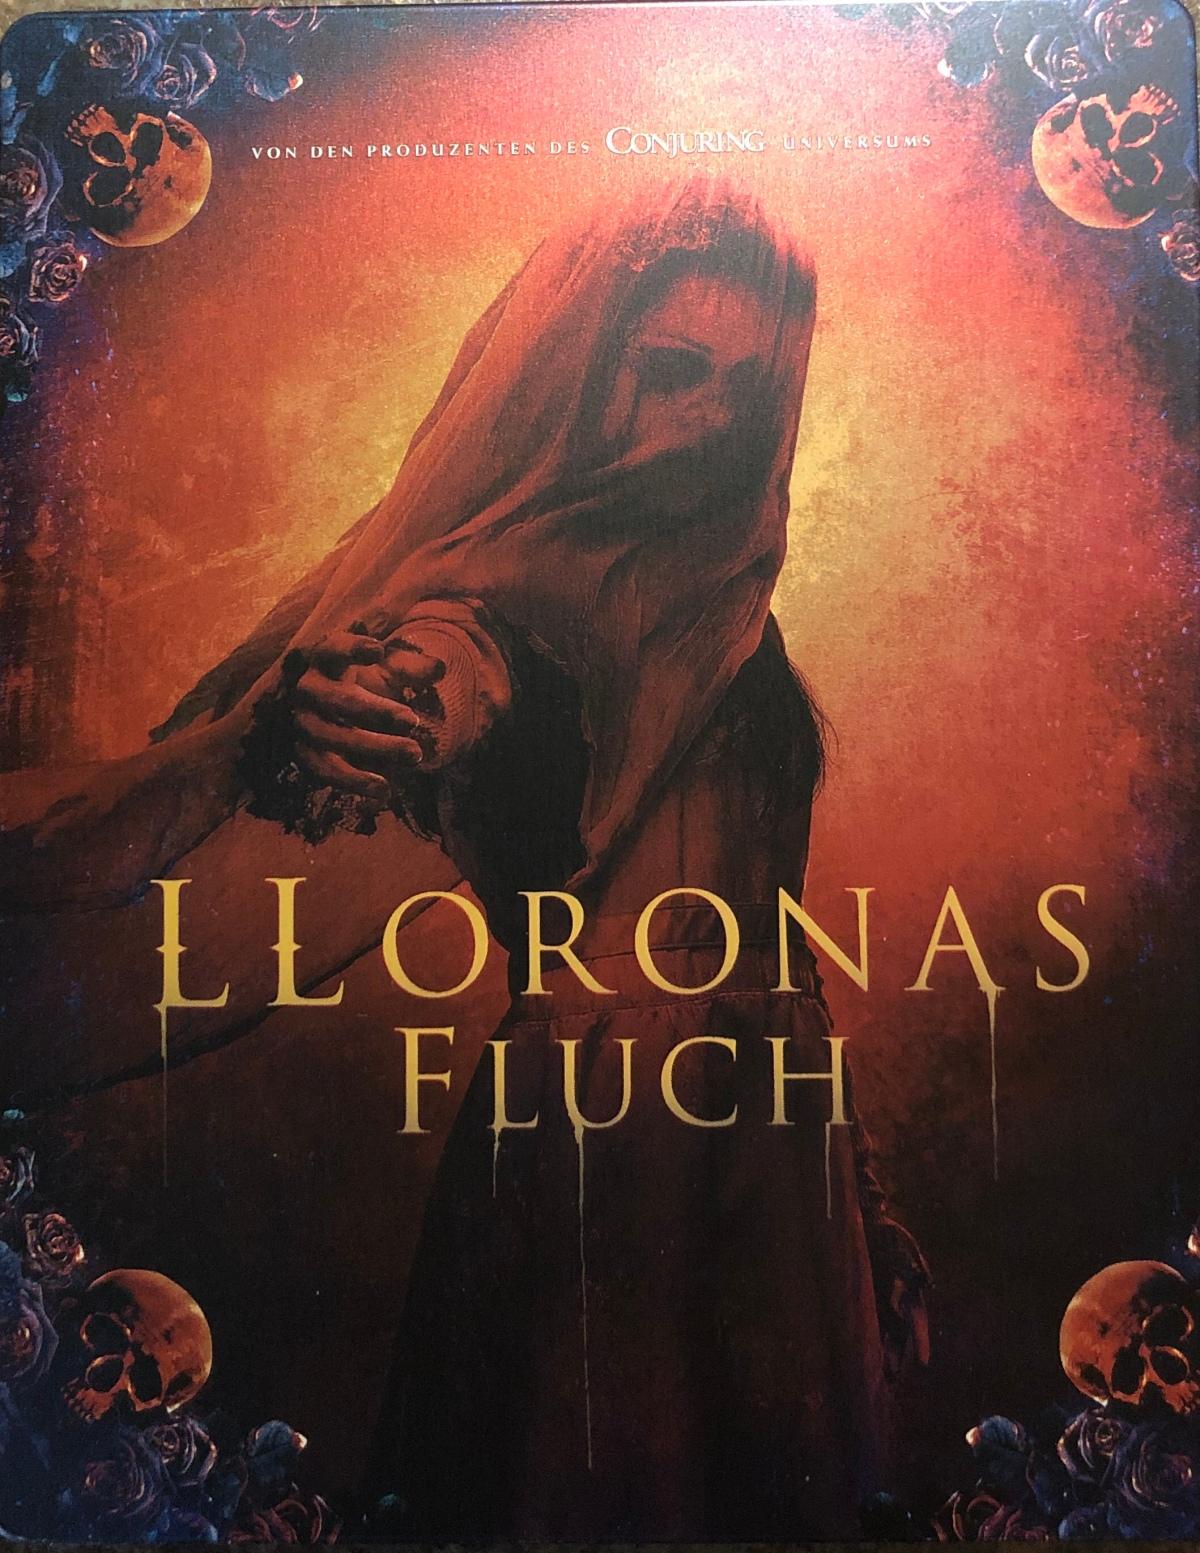 Lloronas Fluch |Review